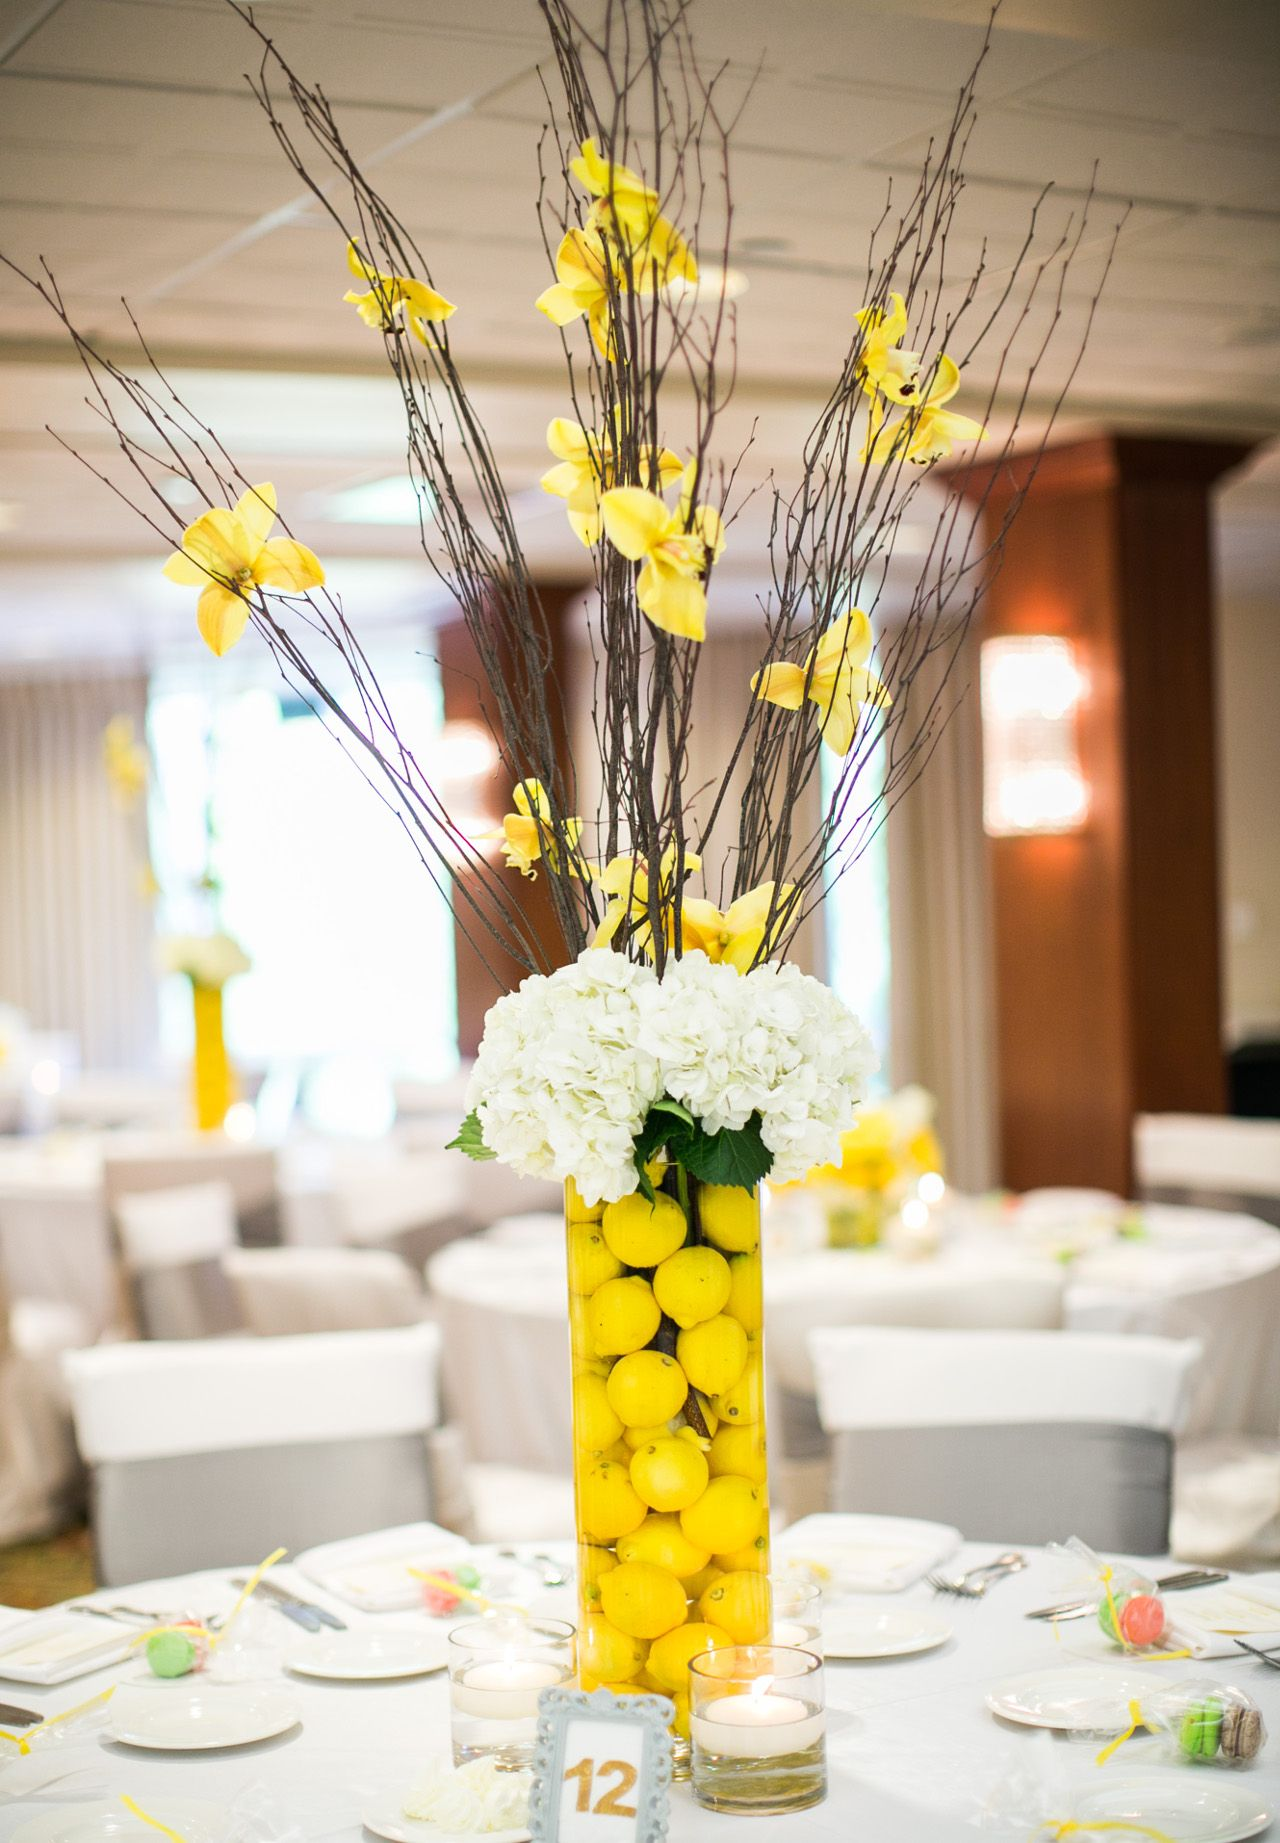 Unique Table Vase Design For Decorations Ideas Wedding Decor Ideas ...